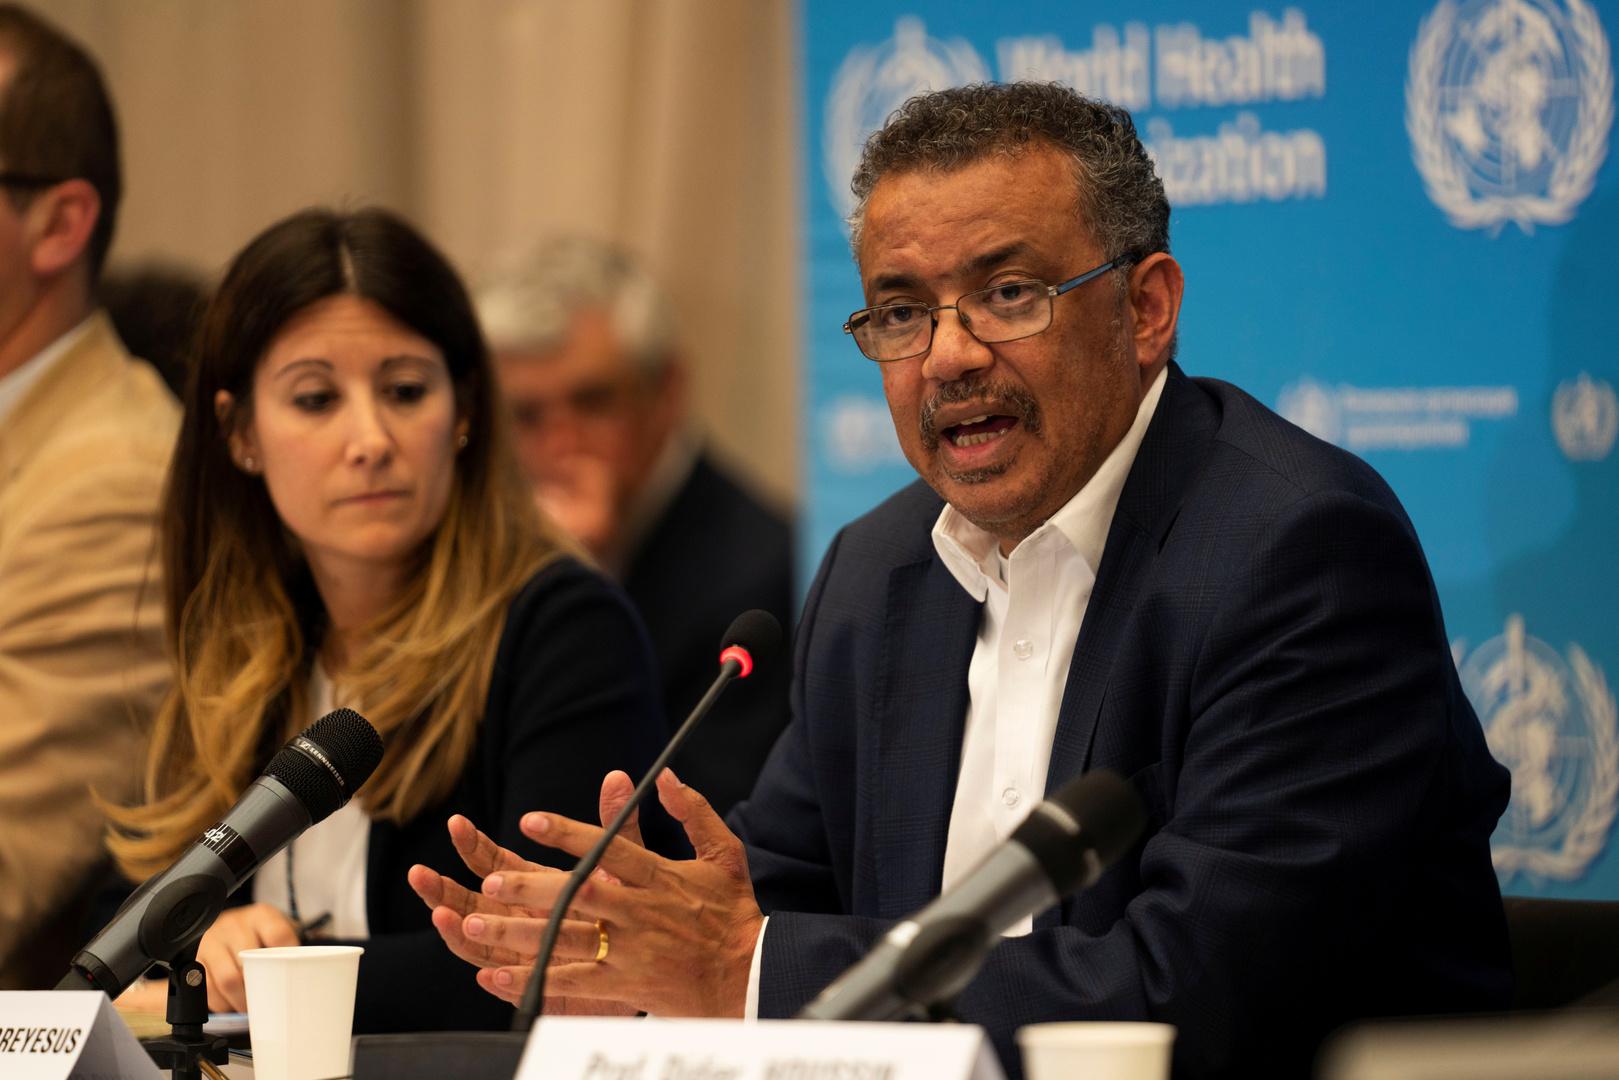 المدير العام لمنظمة الصحة العالمية، تيدروس أدان غيبرييسوس.